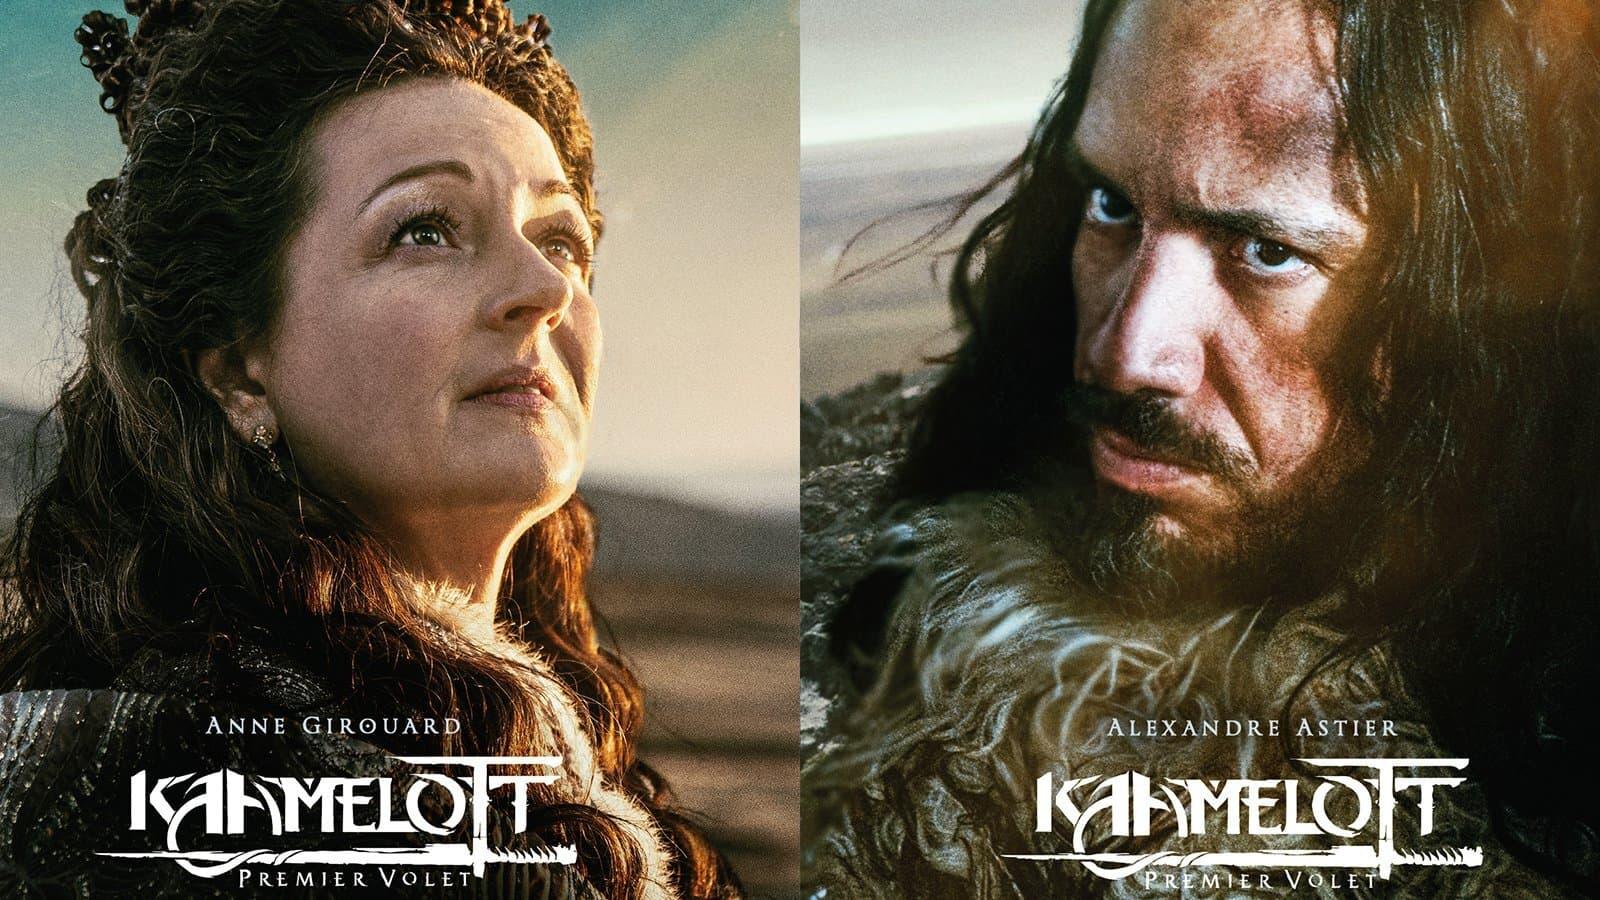 En attendant le film, retrouvez l'intégrale de Kaamelott en VOD chez SFR